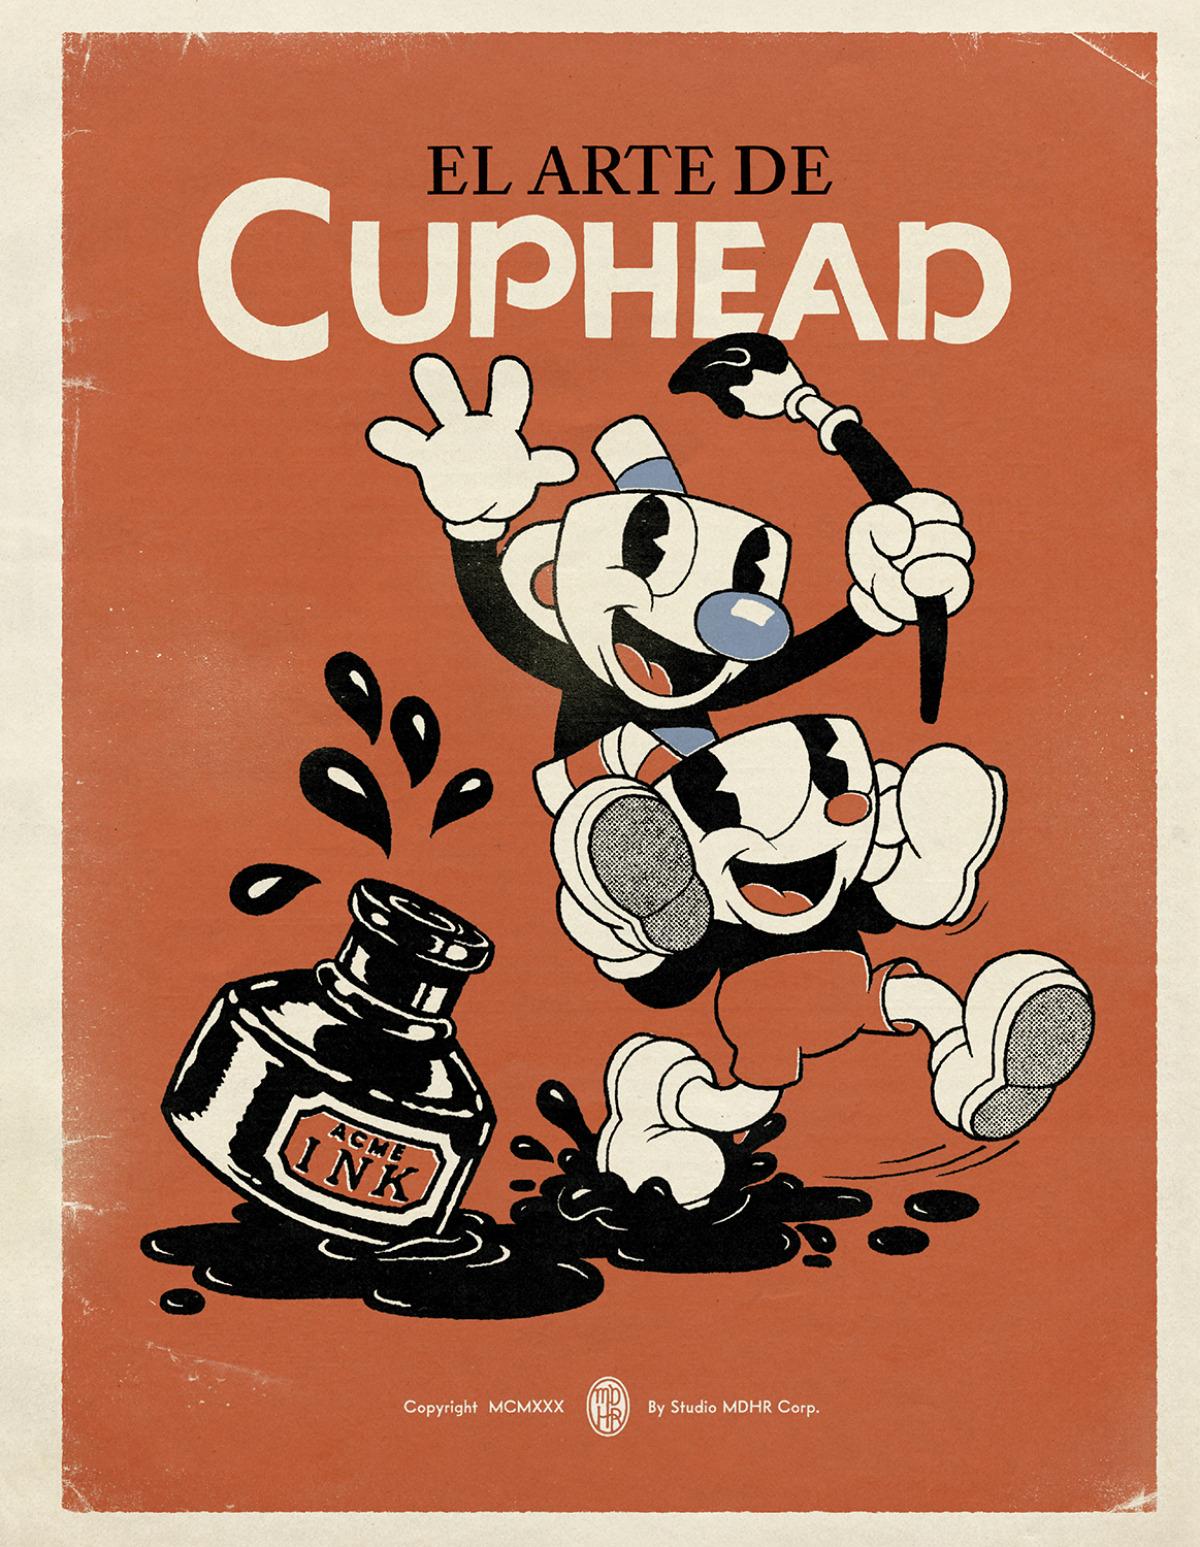 El Arte de Cuphead